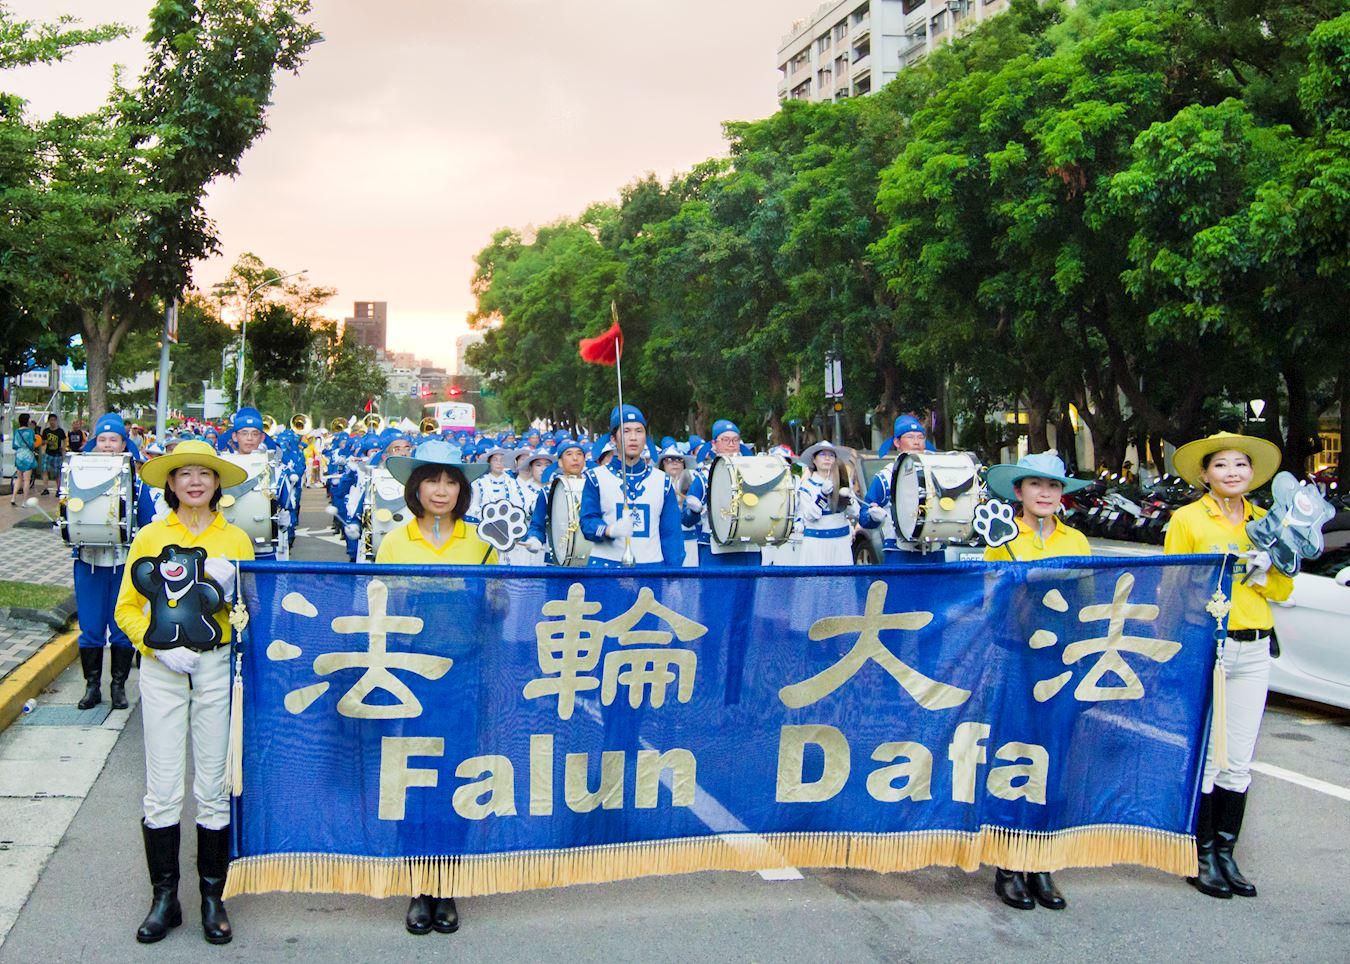 由兩百位法輪功學員組成的台灣天國樂團,8月12日受邀參加在台北舉辦的世界大學運動會會前造勢活動。